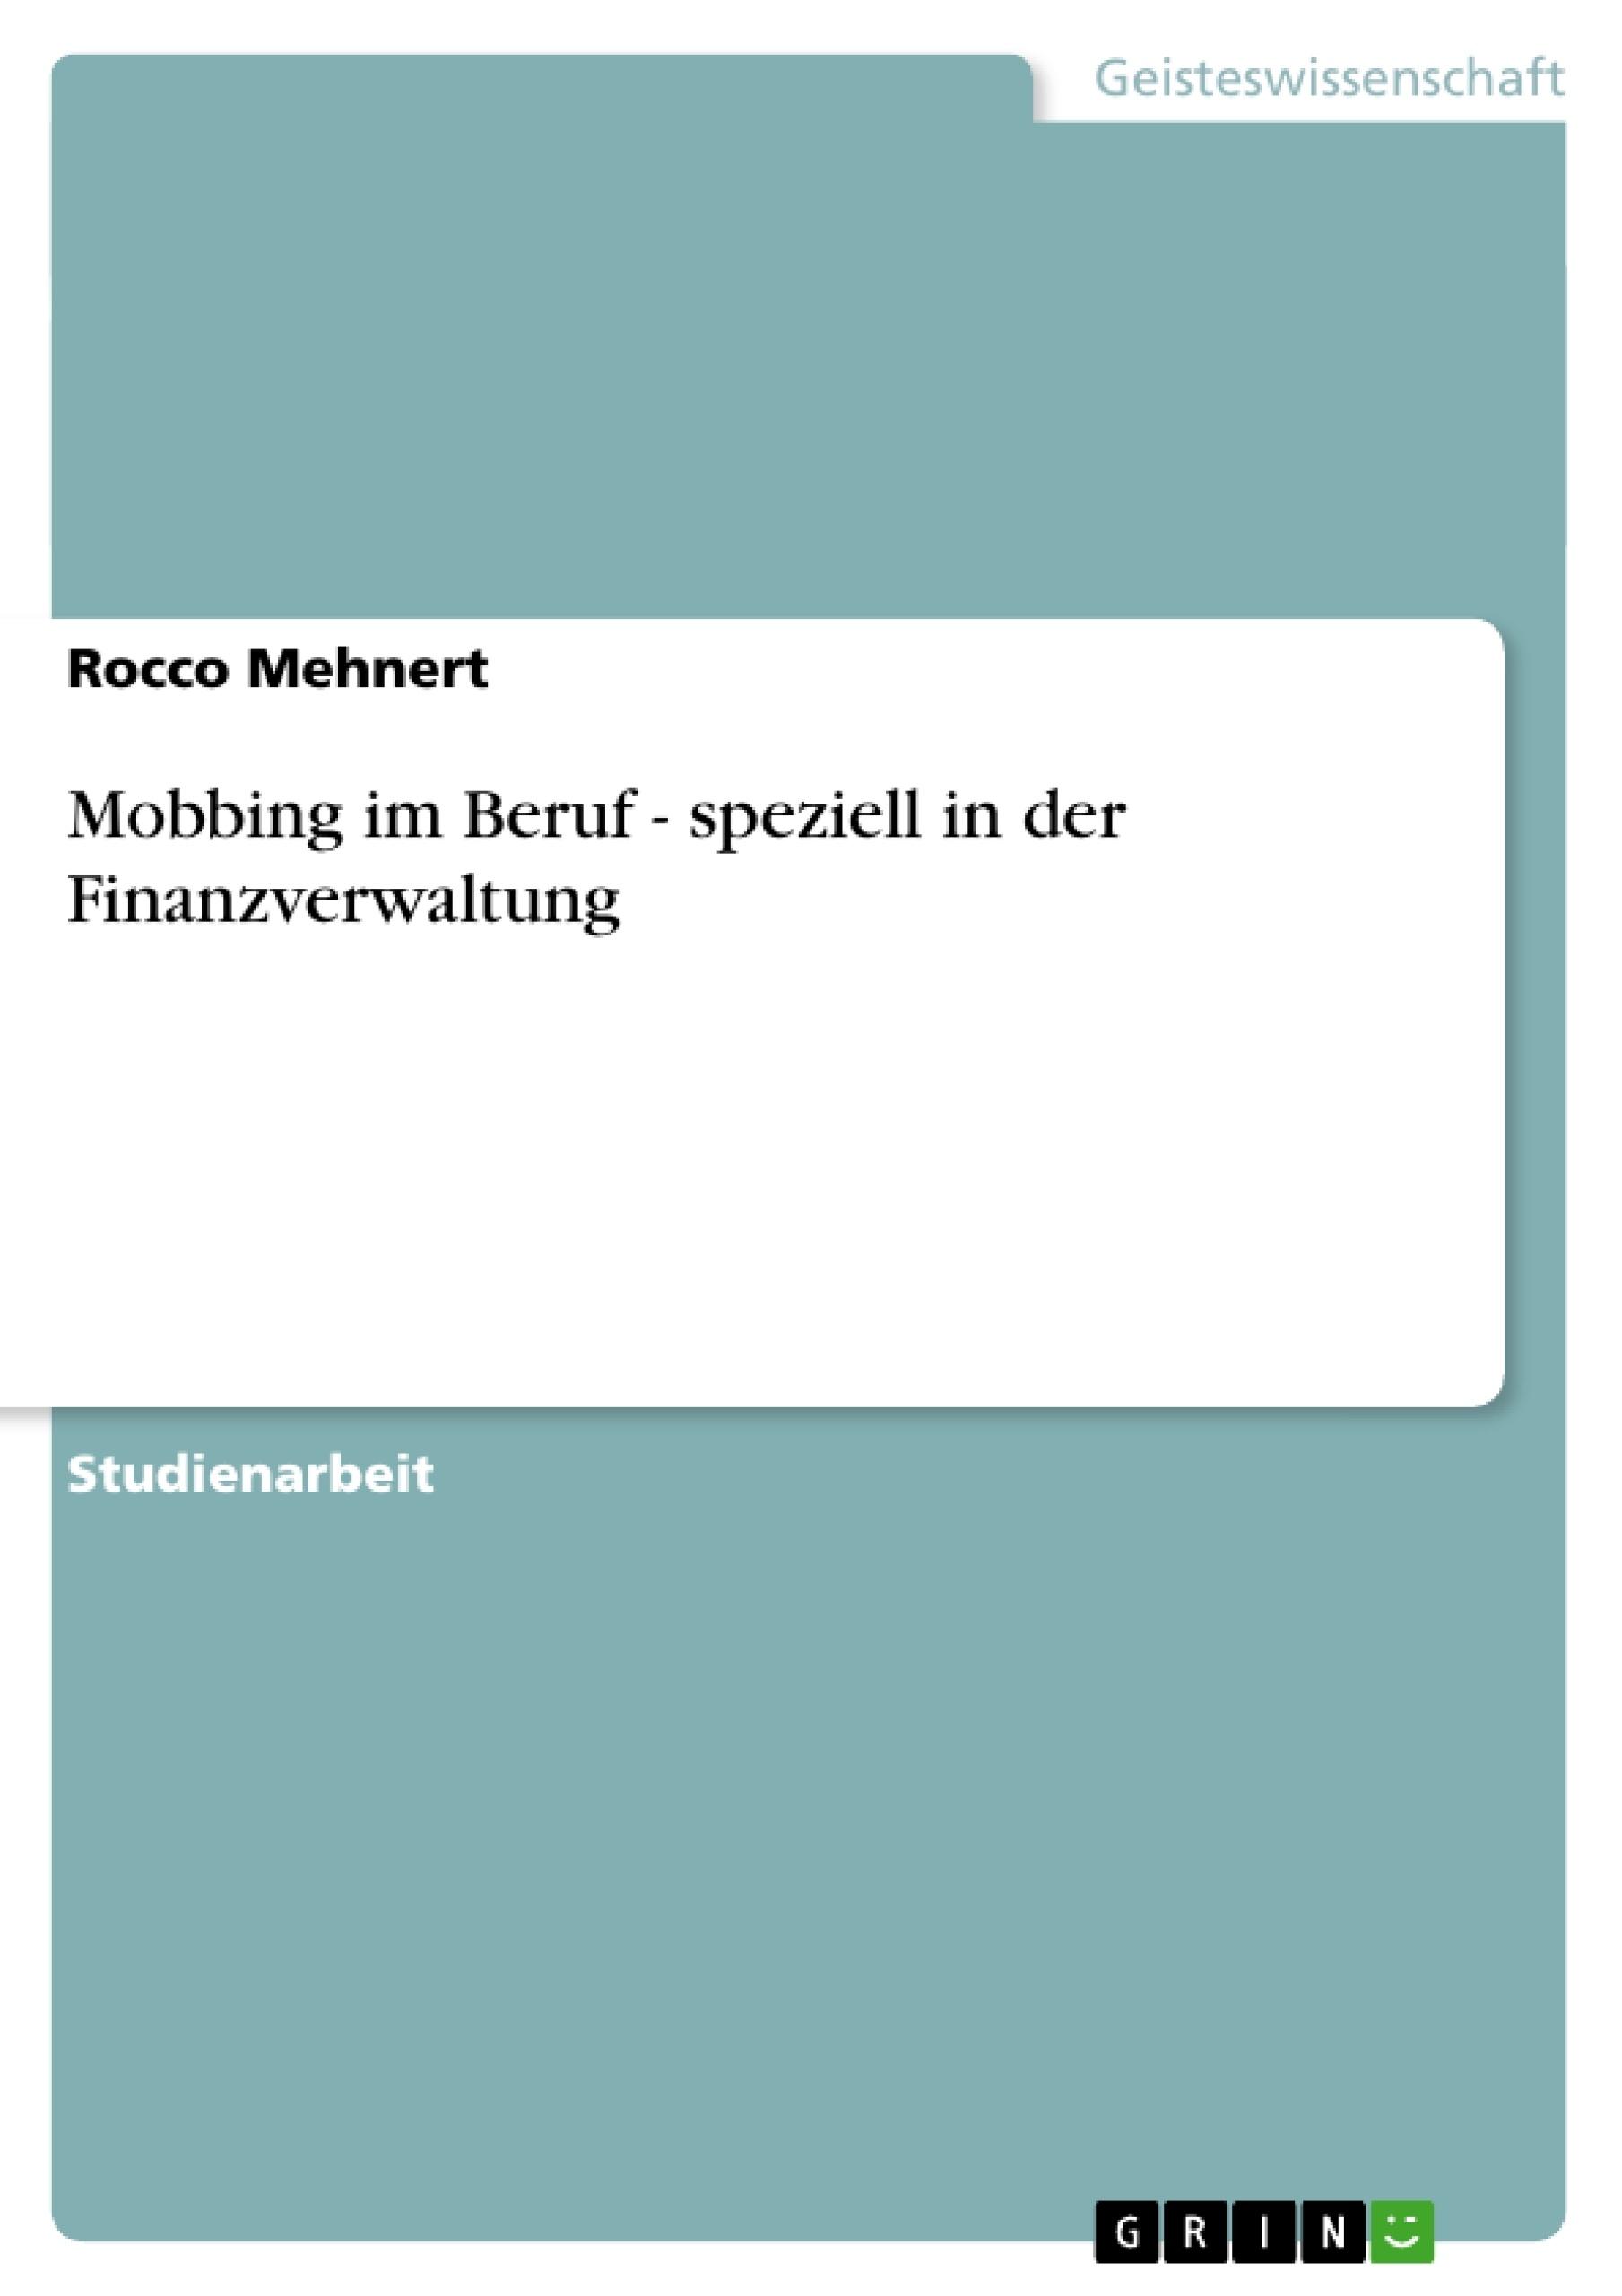 Titel: Mobbing im Beruf - speziell in der Finanzverwaltung